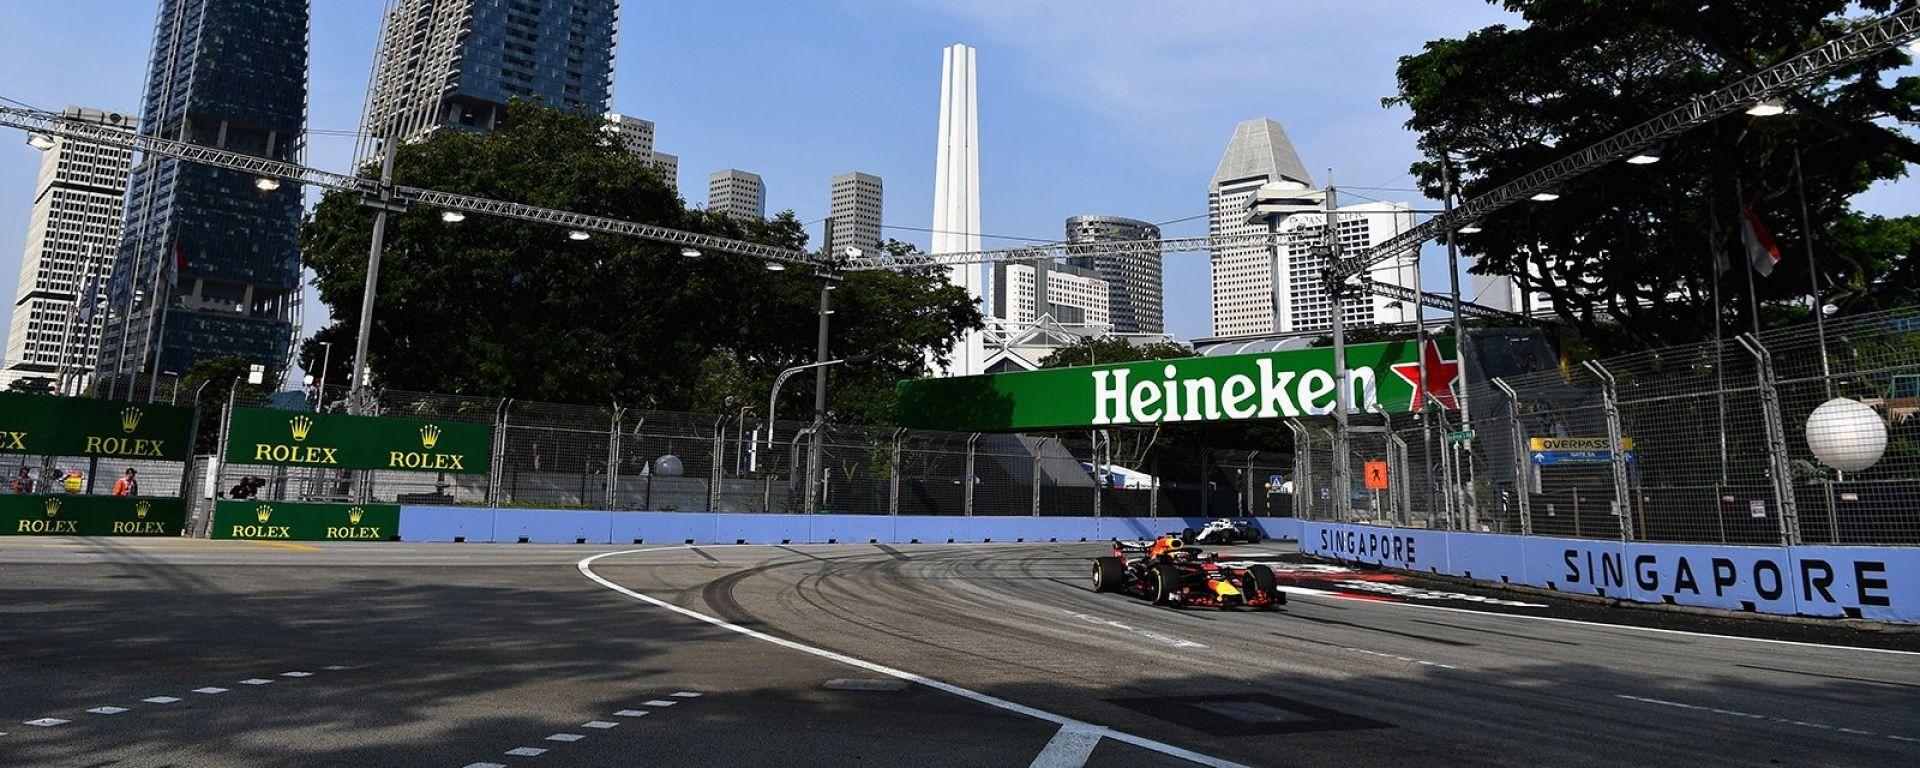 Gp Singapore 2018, il leader della mattinata Daniel Ricciardo gira con la sua Red Bull